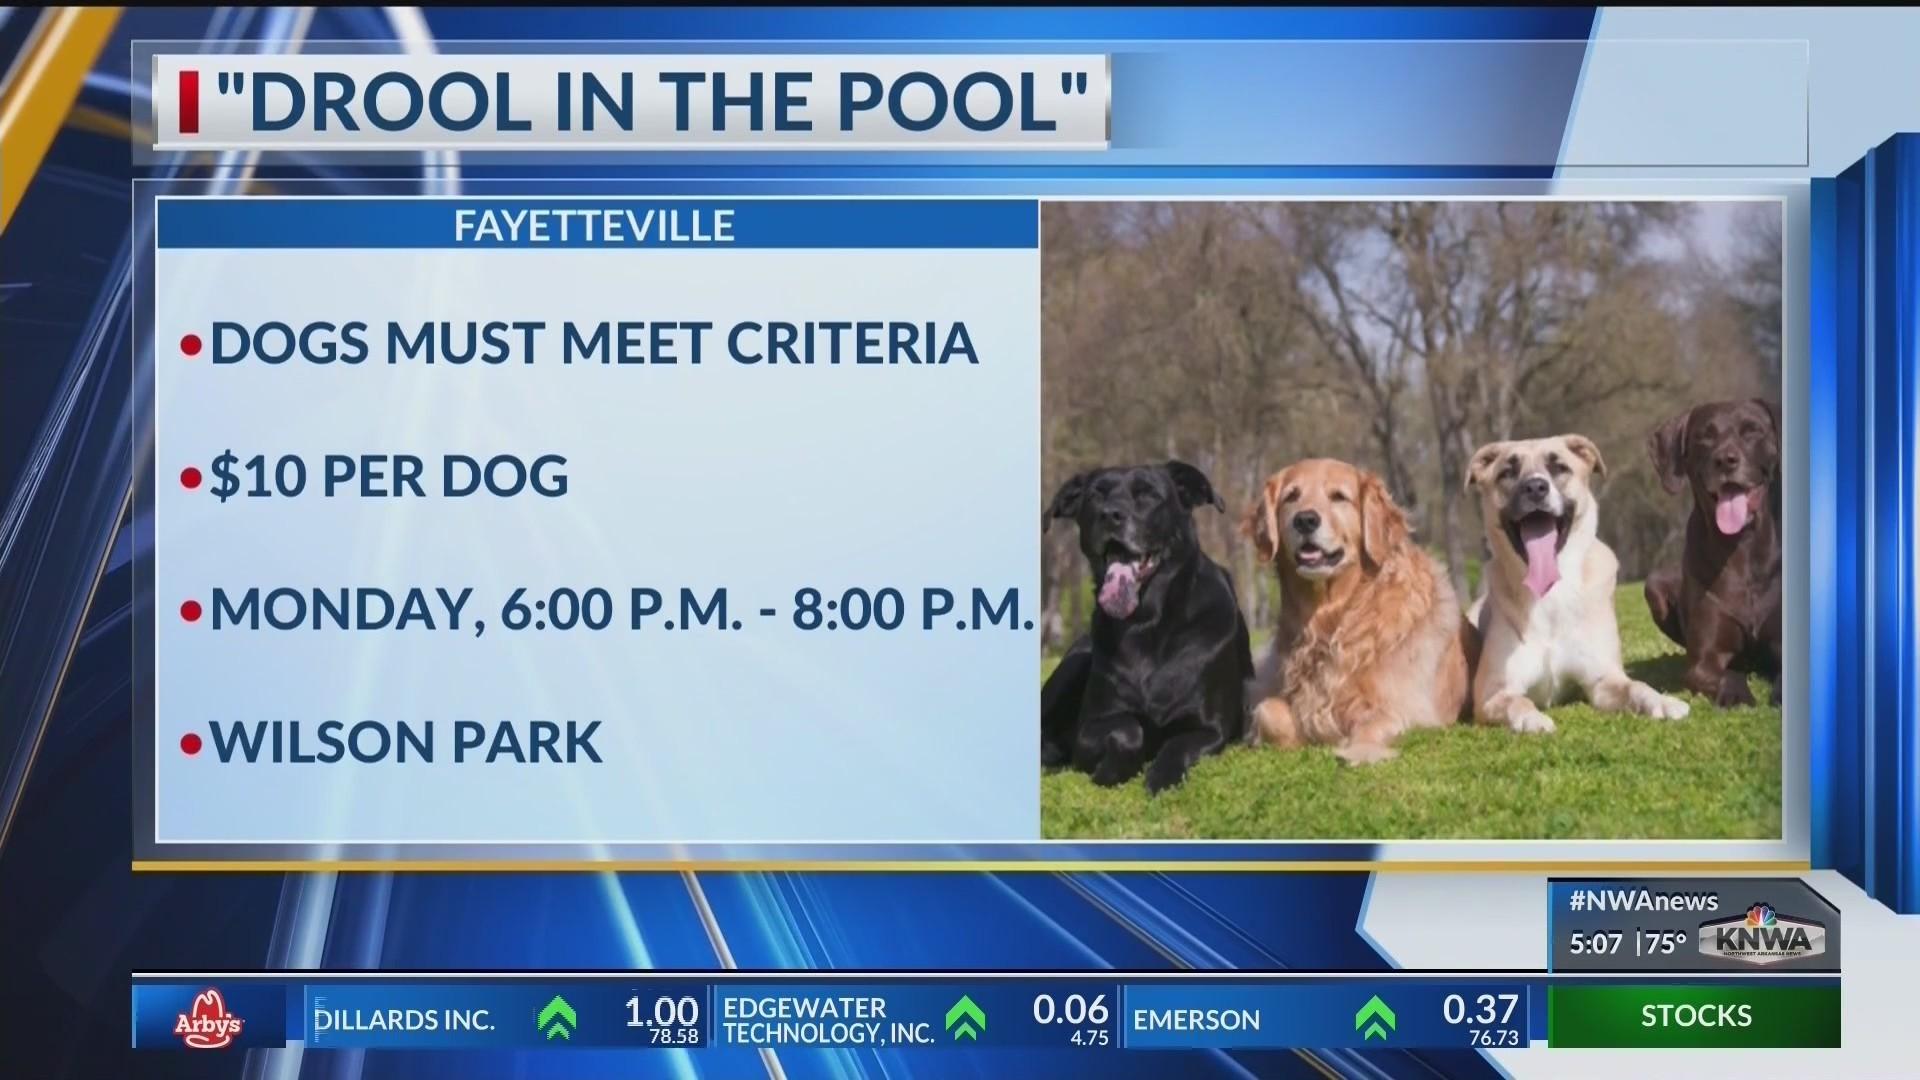 Fayetteville_Hosts_End_of_Summer_Dog_Poo_0_20180903134755